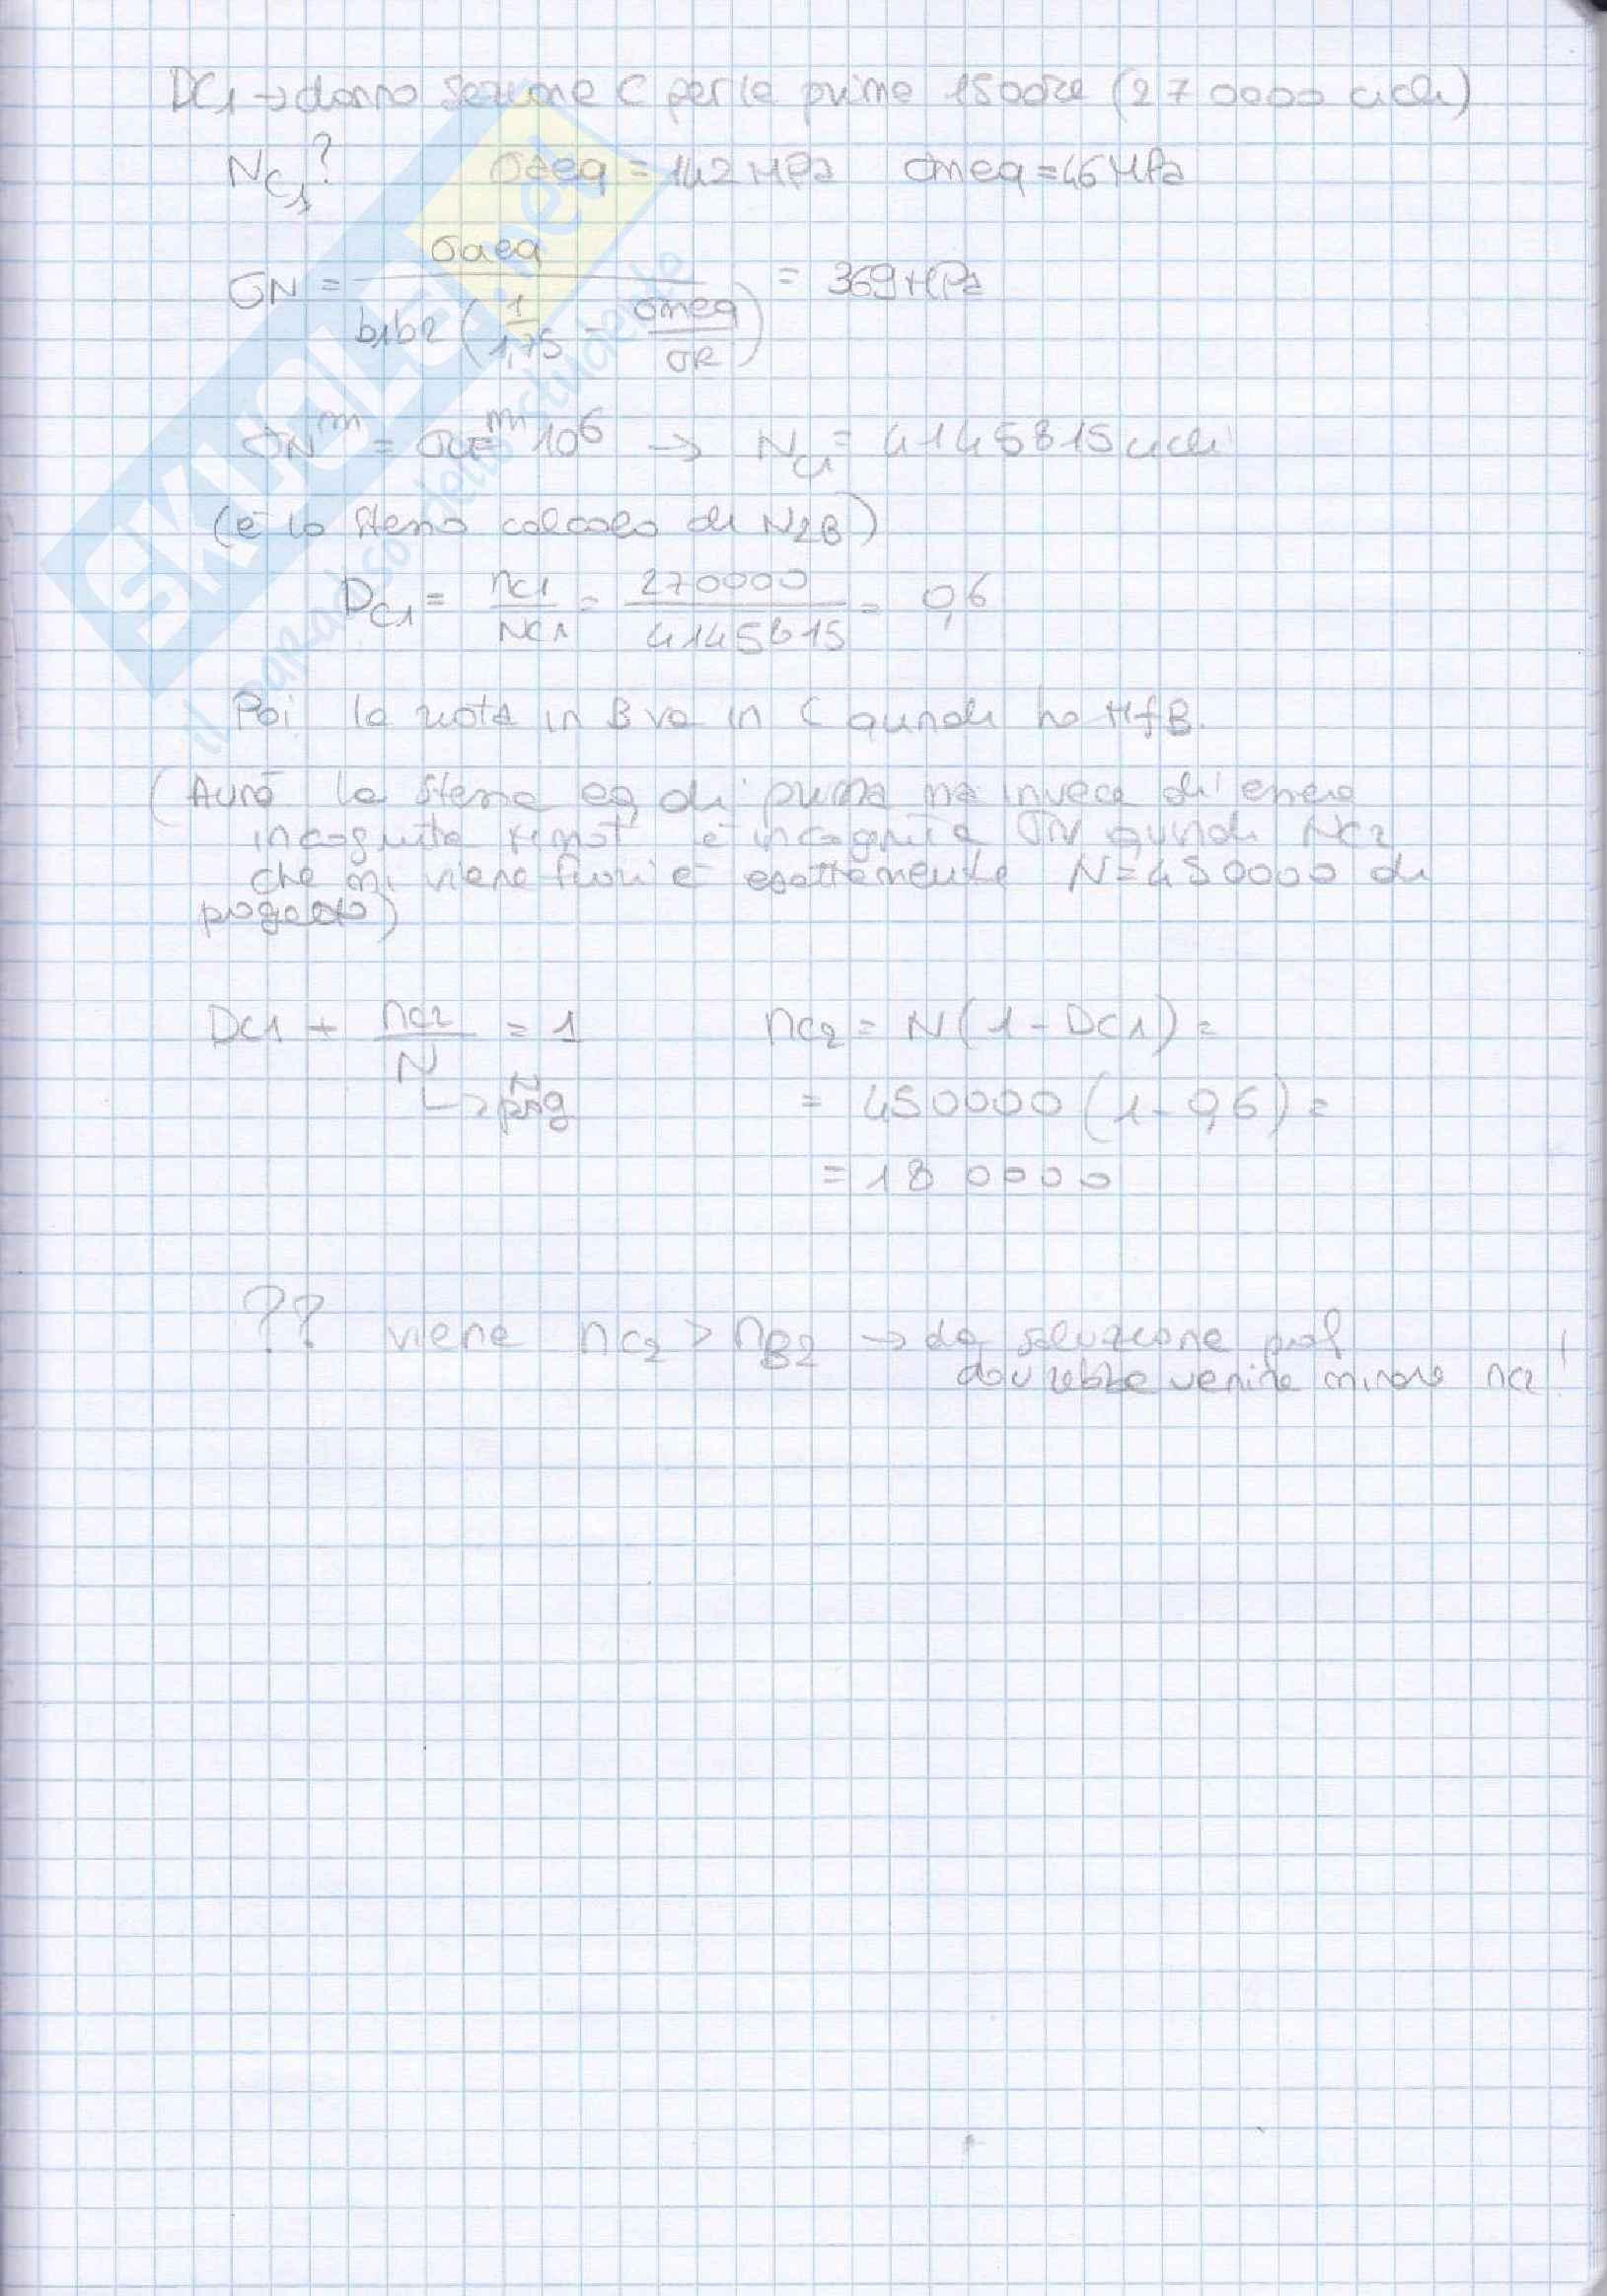 Elementi costruttivi delle macchine - Esercizi esame svolti Pag. 61